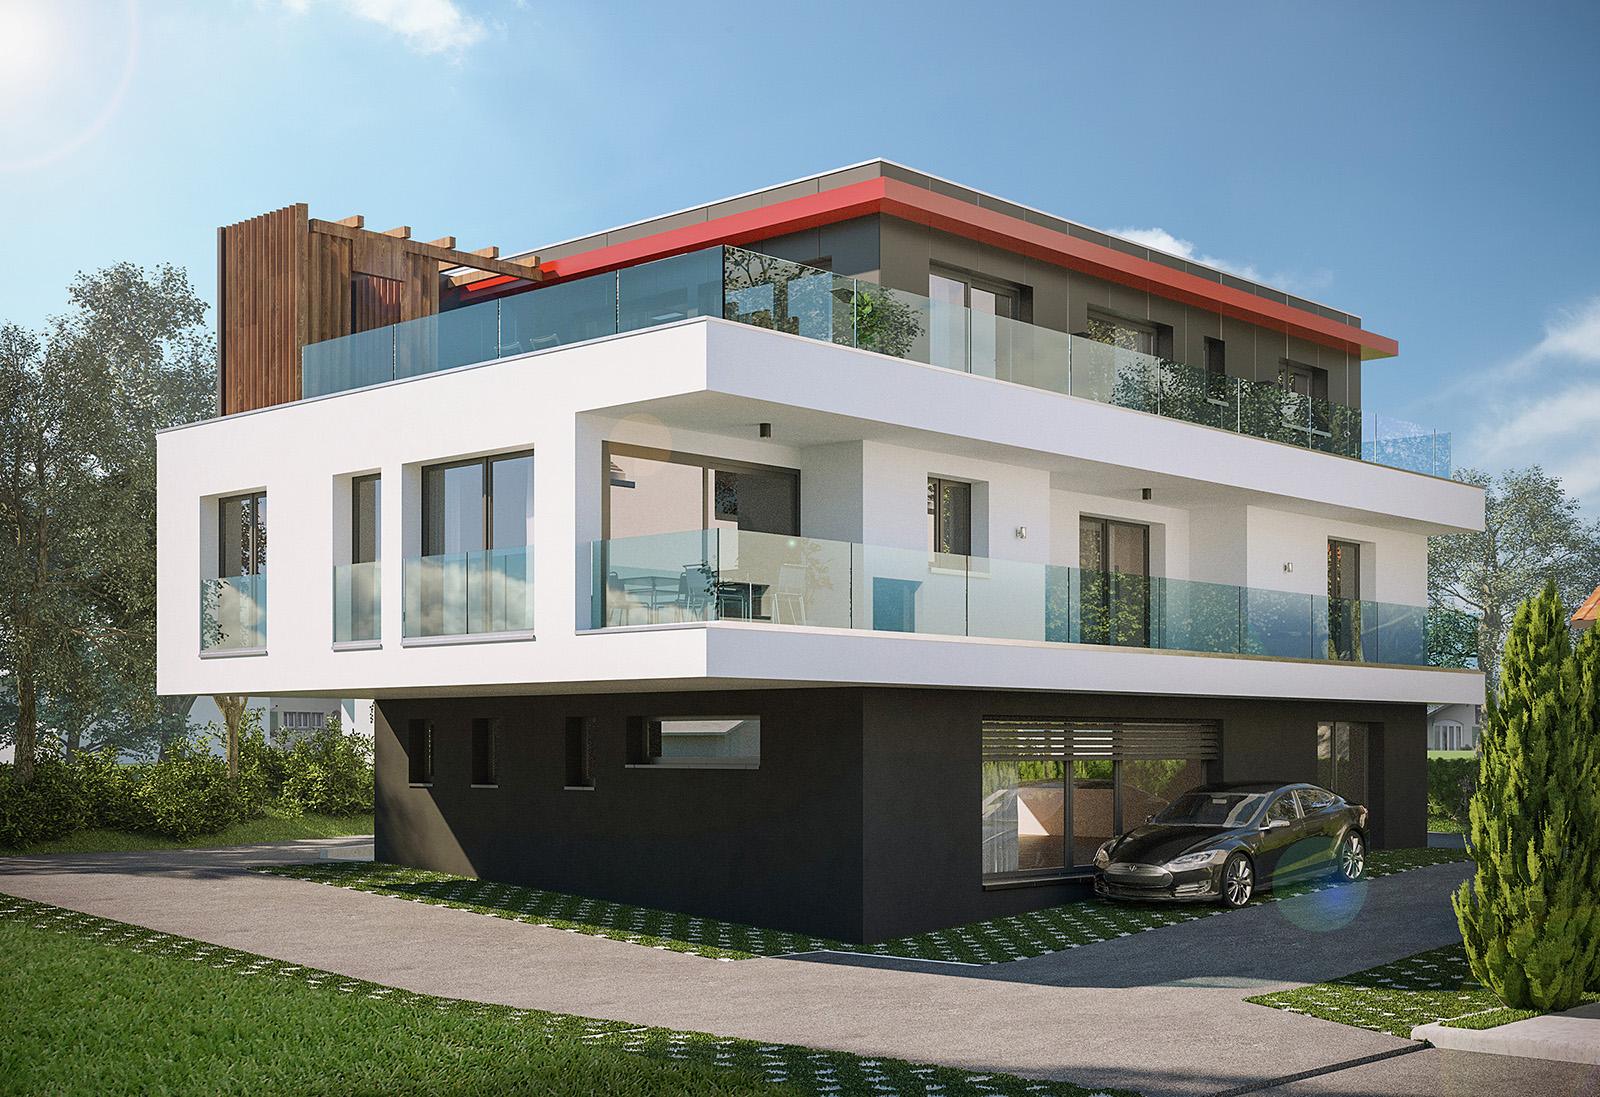 Immeuble mixte (surface commerciale et logements)